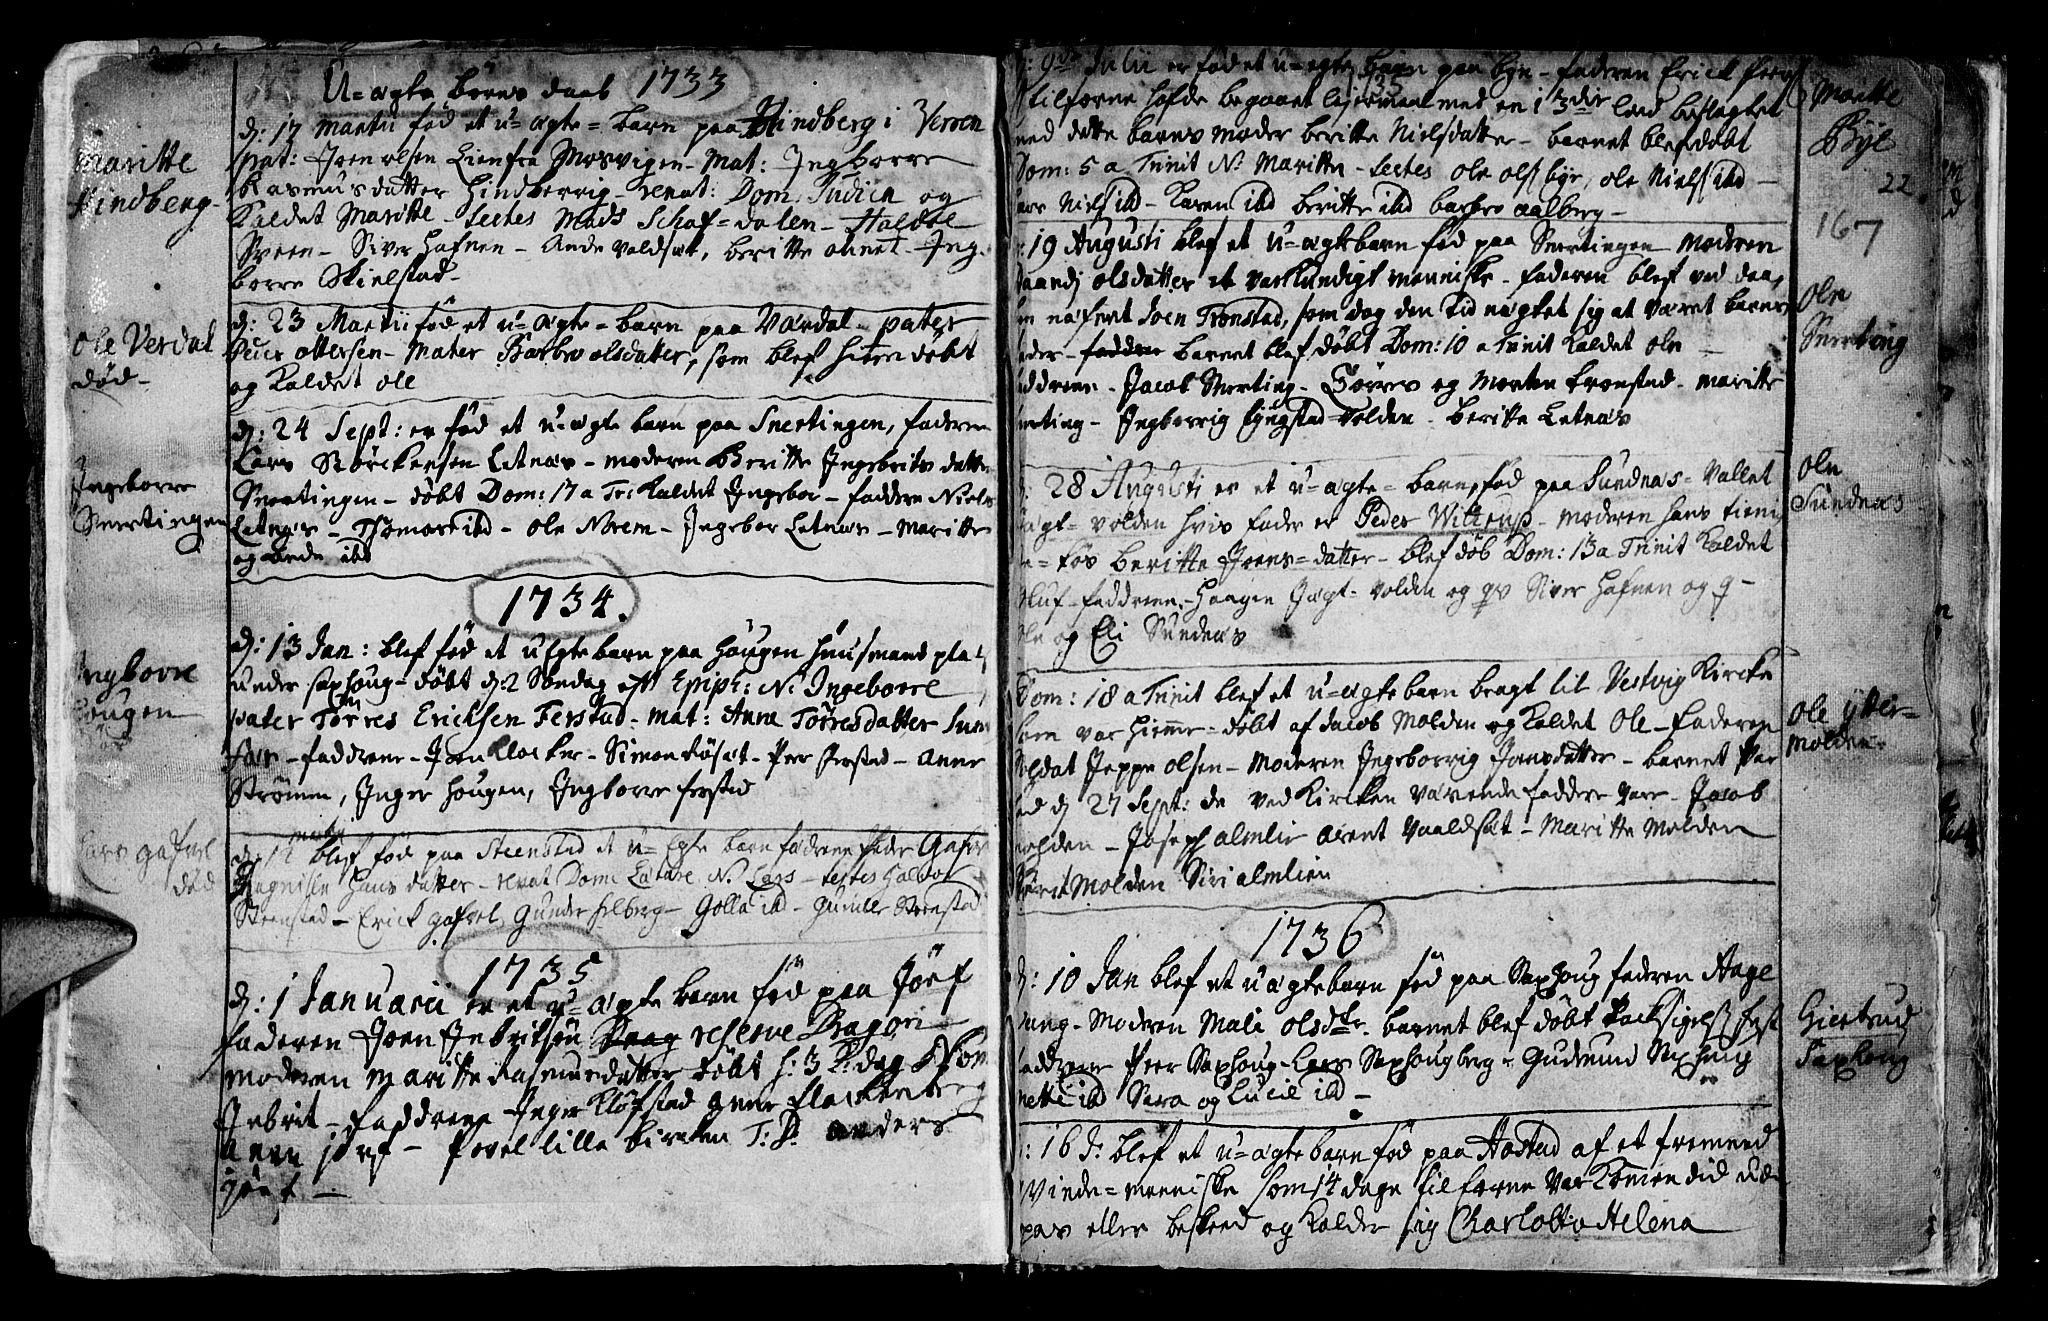 SAT, Ministerialprotokoller, klokkerbøker og fødselsregistre - Nord-Trøndelag, 730/L0272: Ministerialbok nr. 730A01, 1733-1764, s. 167